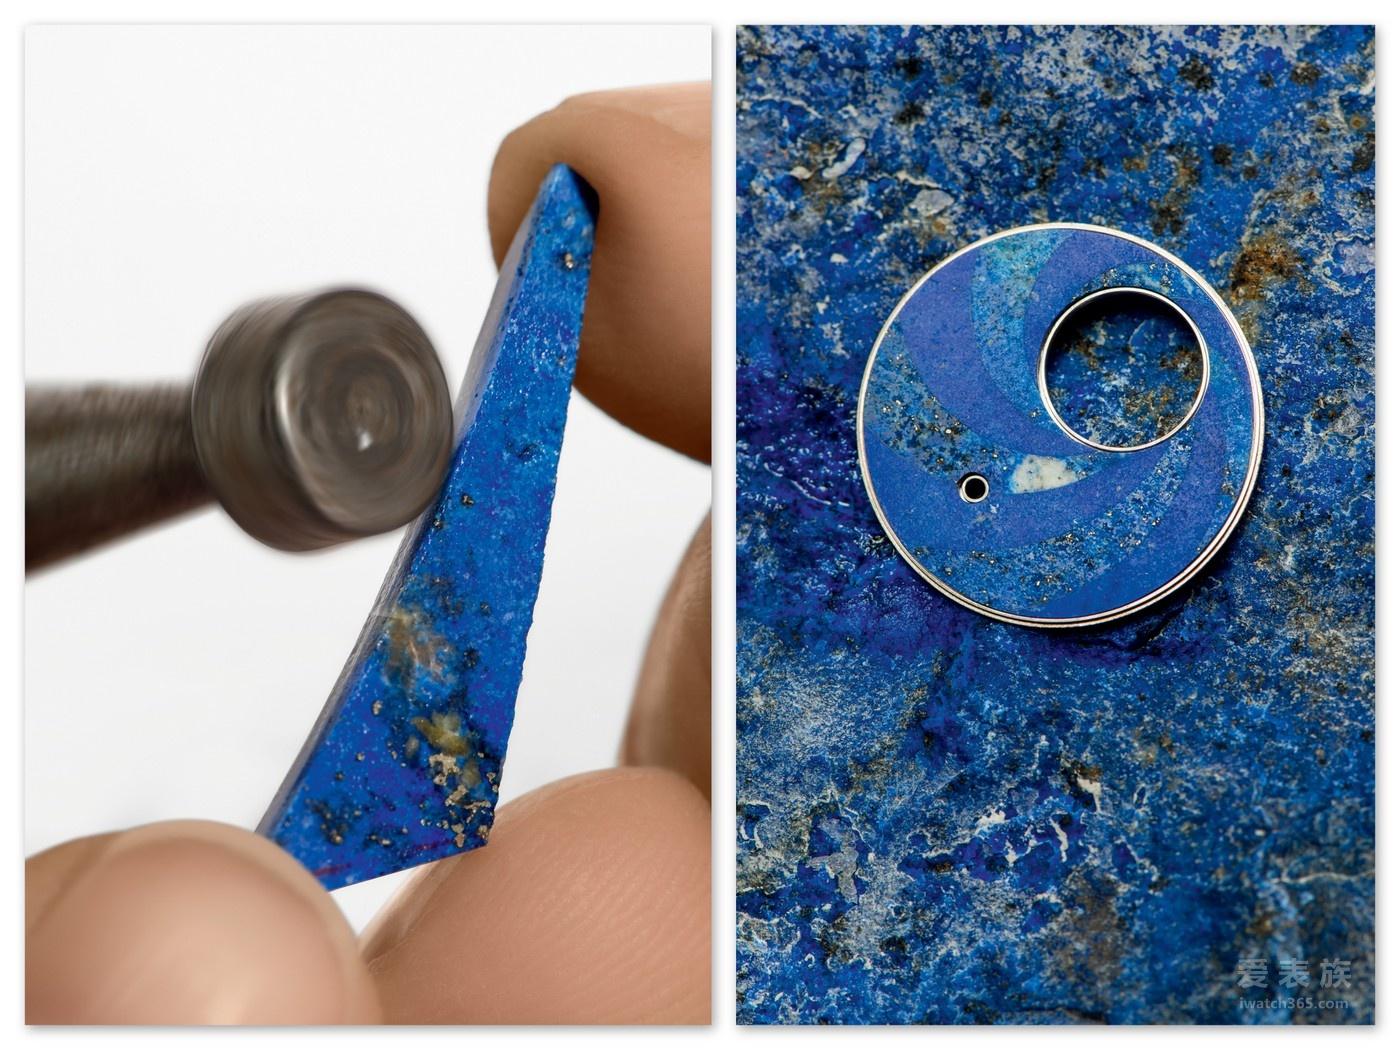 【SIHH2018】伯爵Métiers d'Art系列 Altiplano宝石细工镶嵌工艺陀飞轮 雕琢华丽色彩